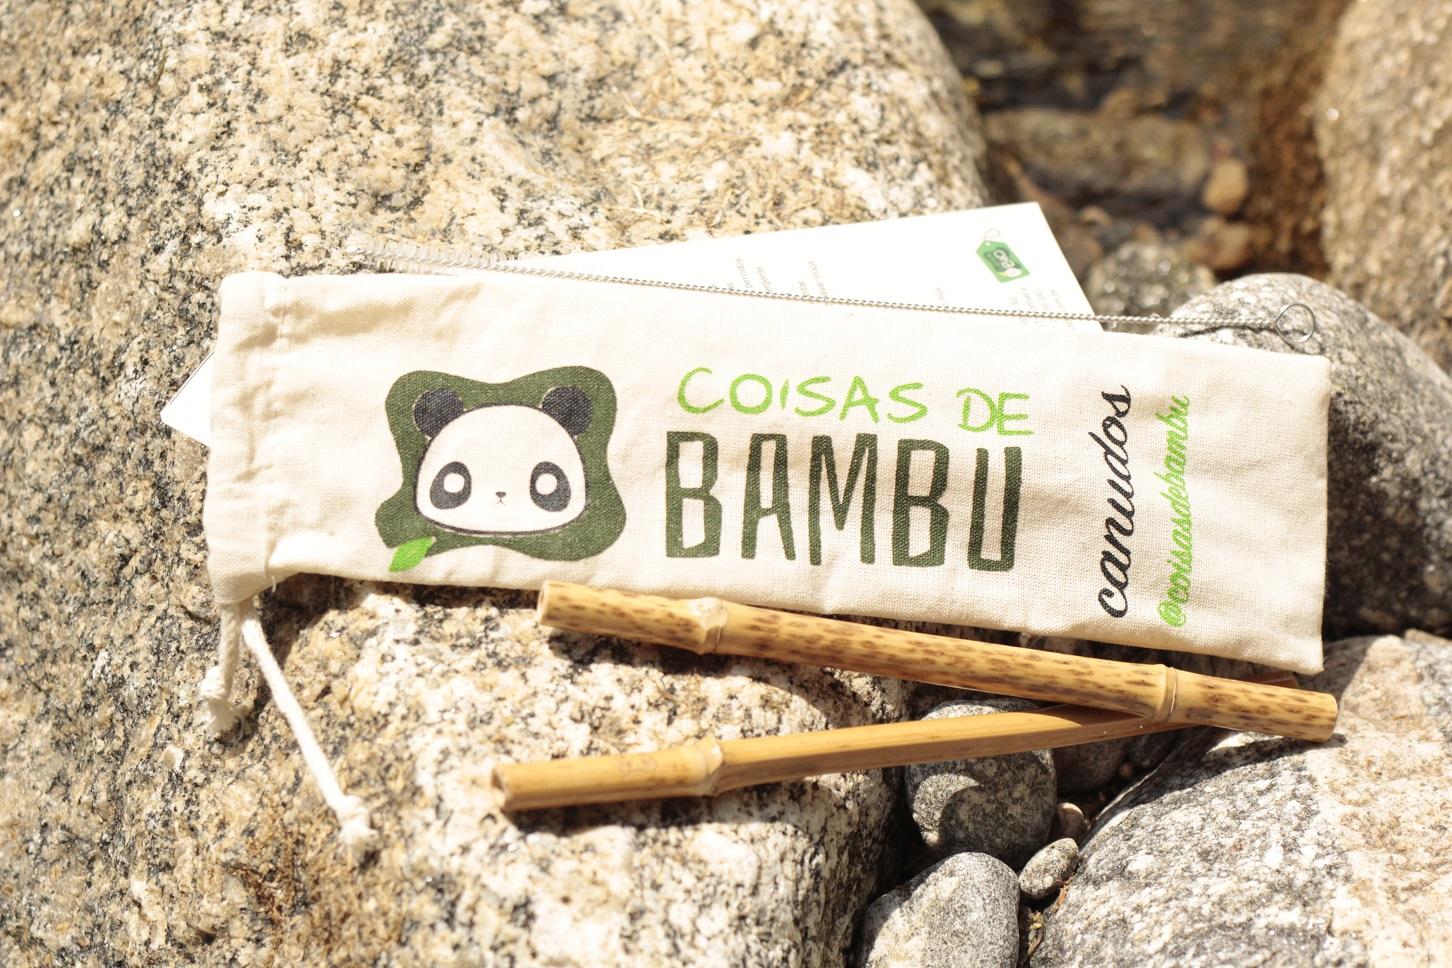 Os canudos de bambu são feitos artesanalmente e têm um custo mais elevado. Foto Divulgação